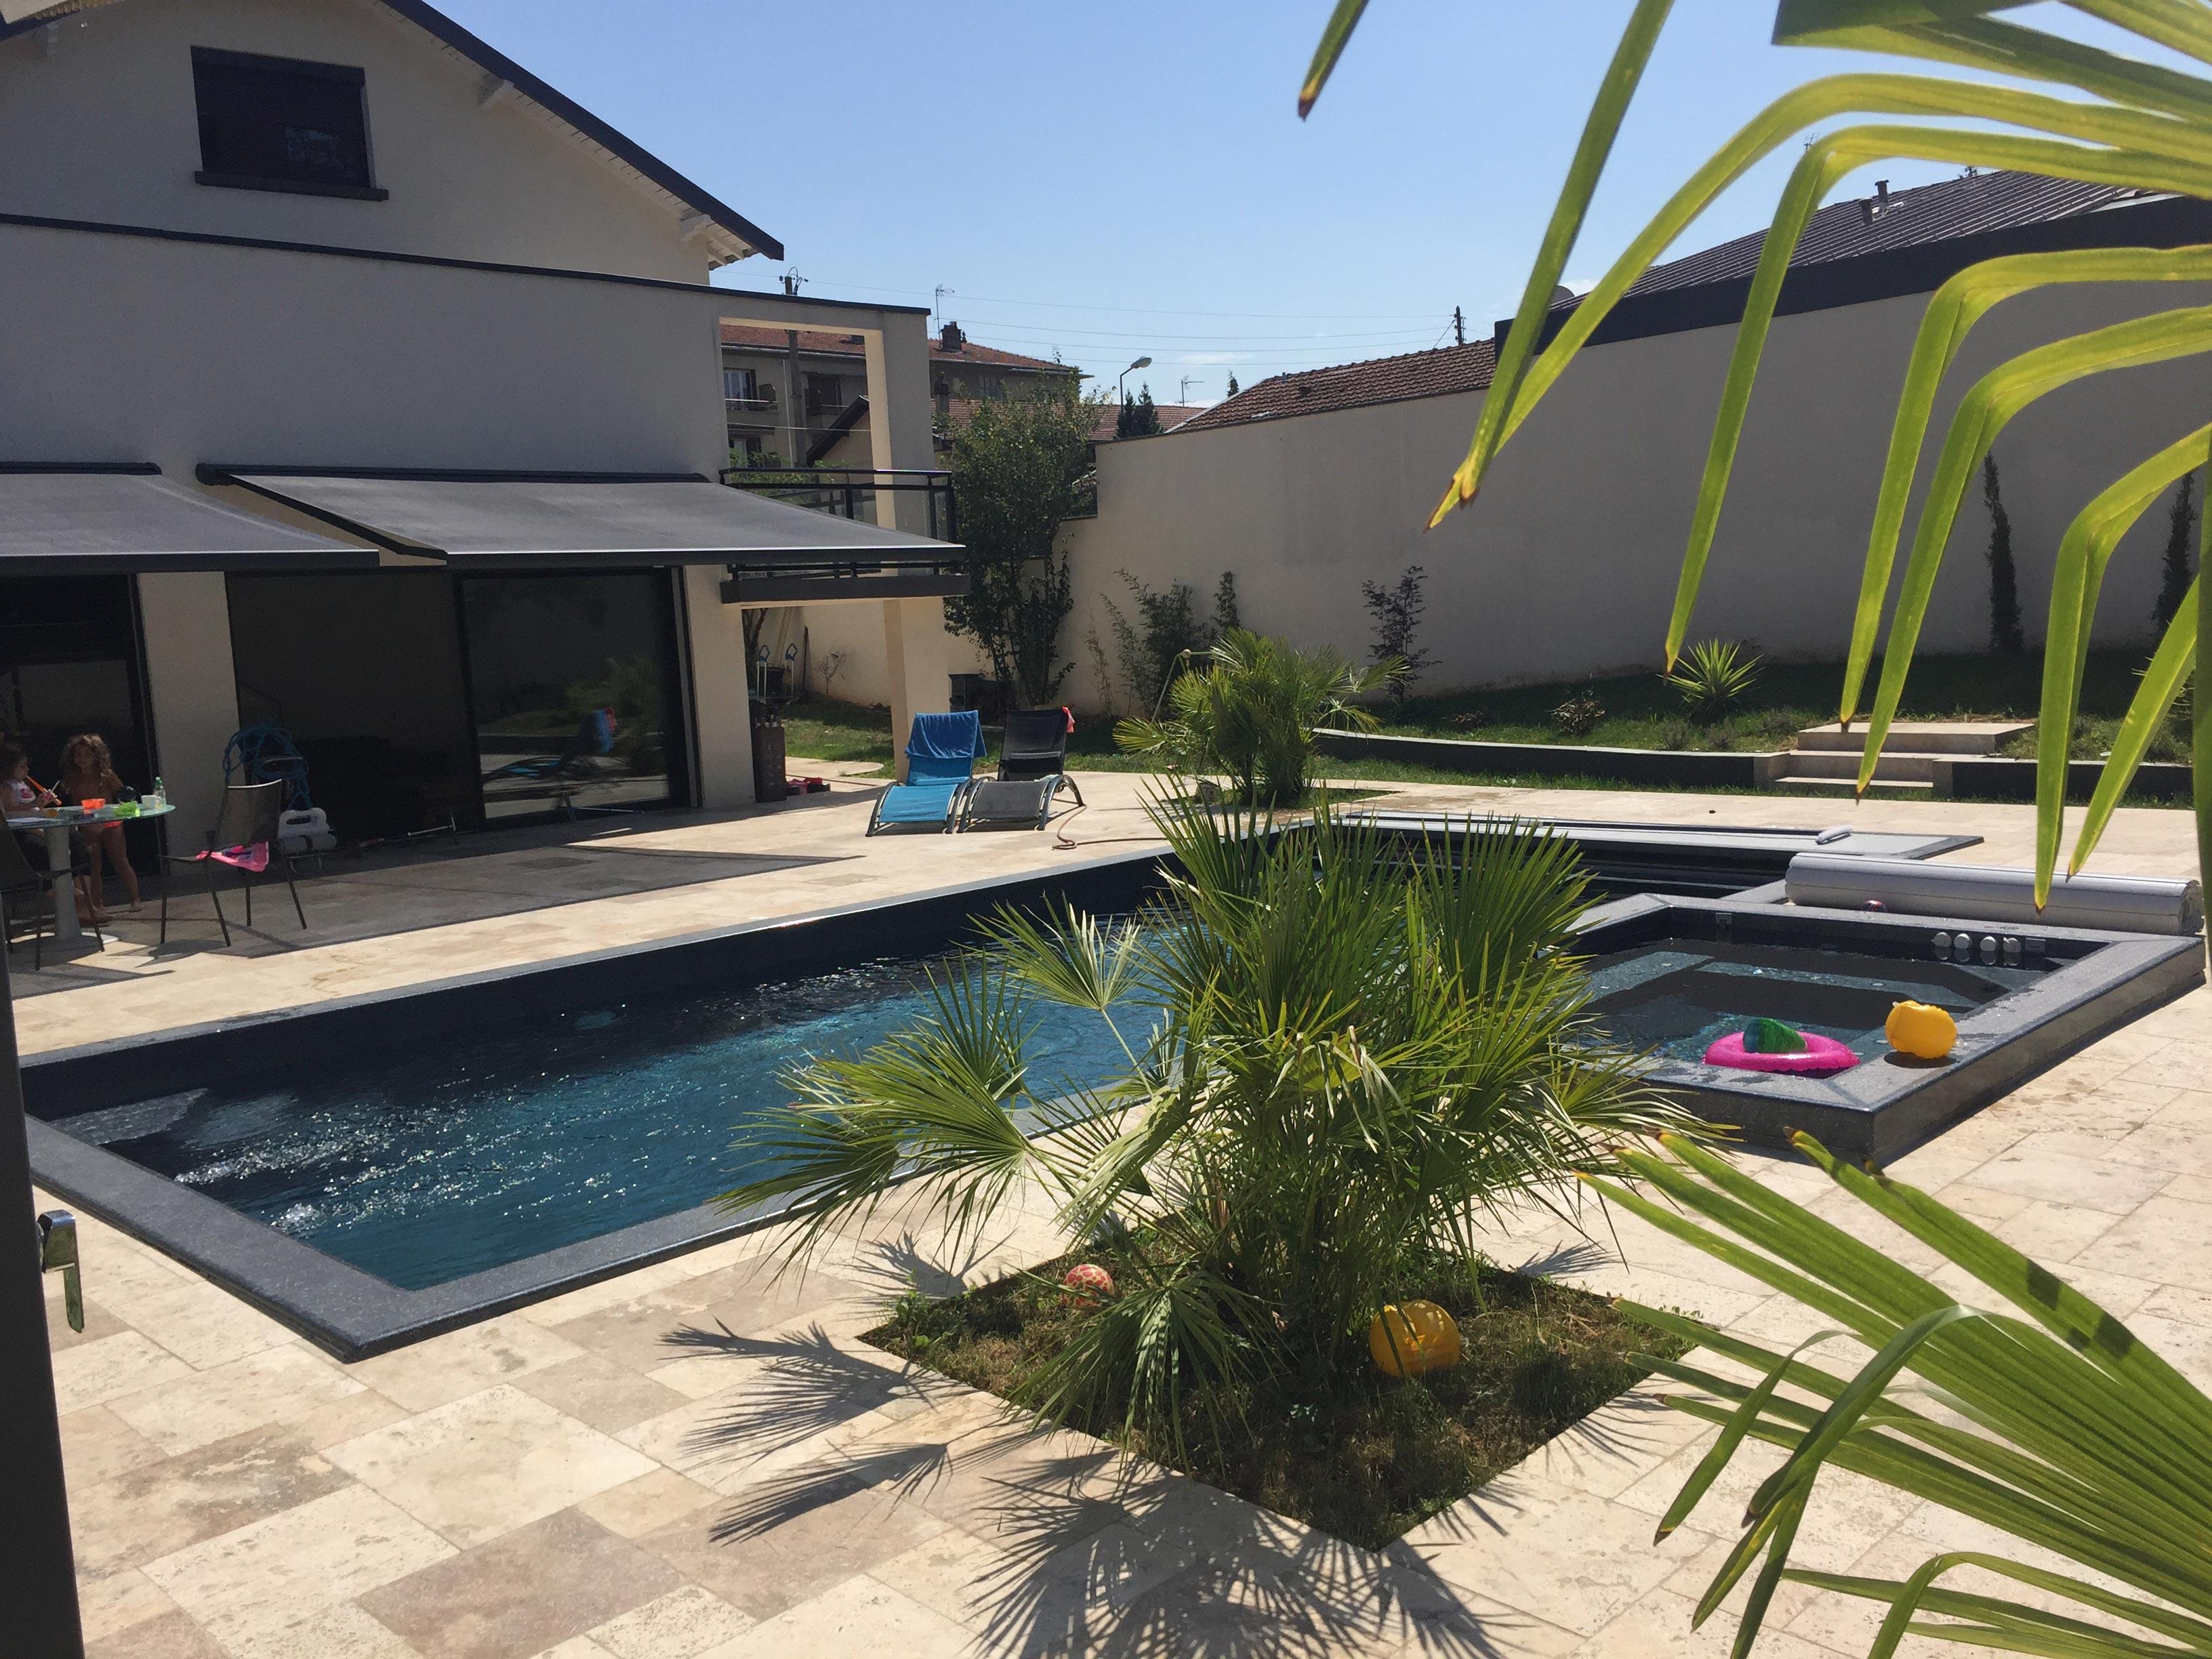 Constructeur de piscine les piscines du sud est for Piscine coque polyester isere